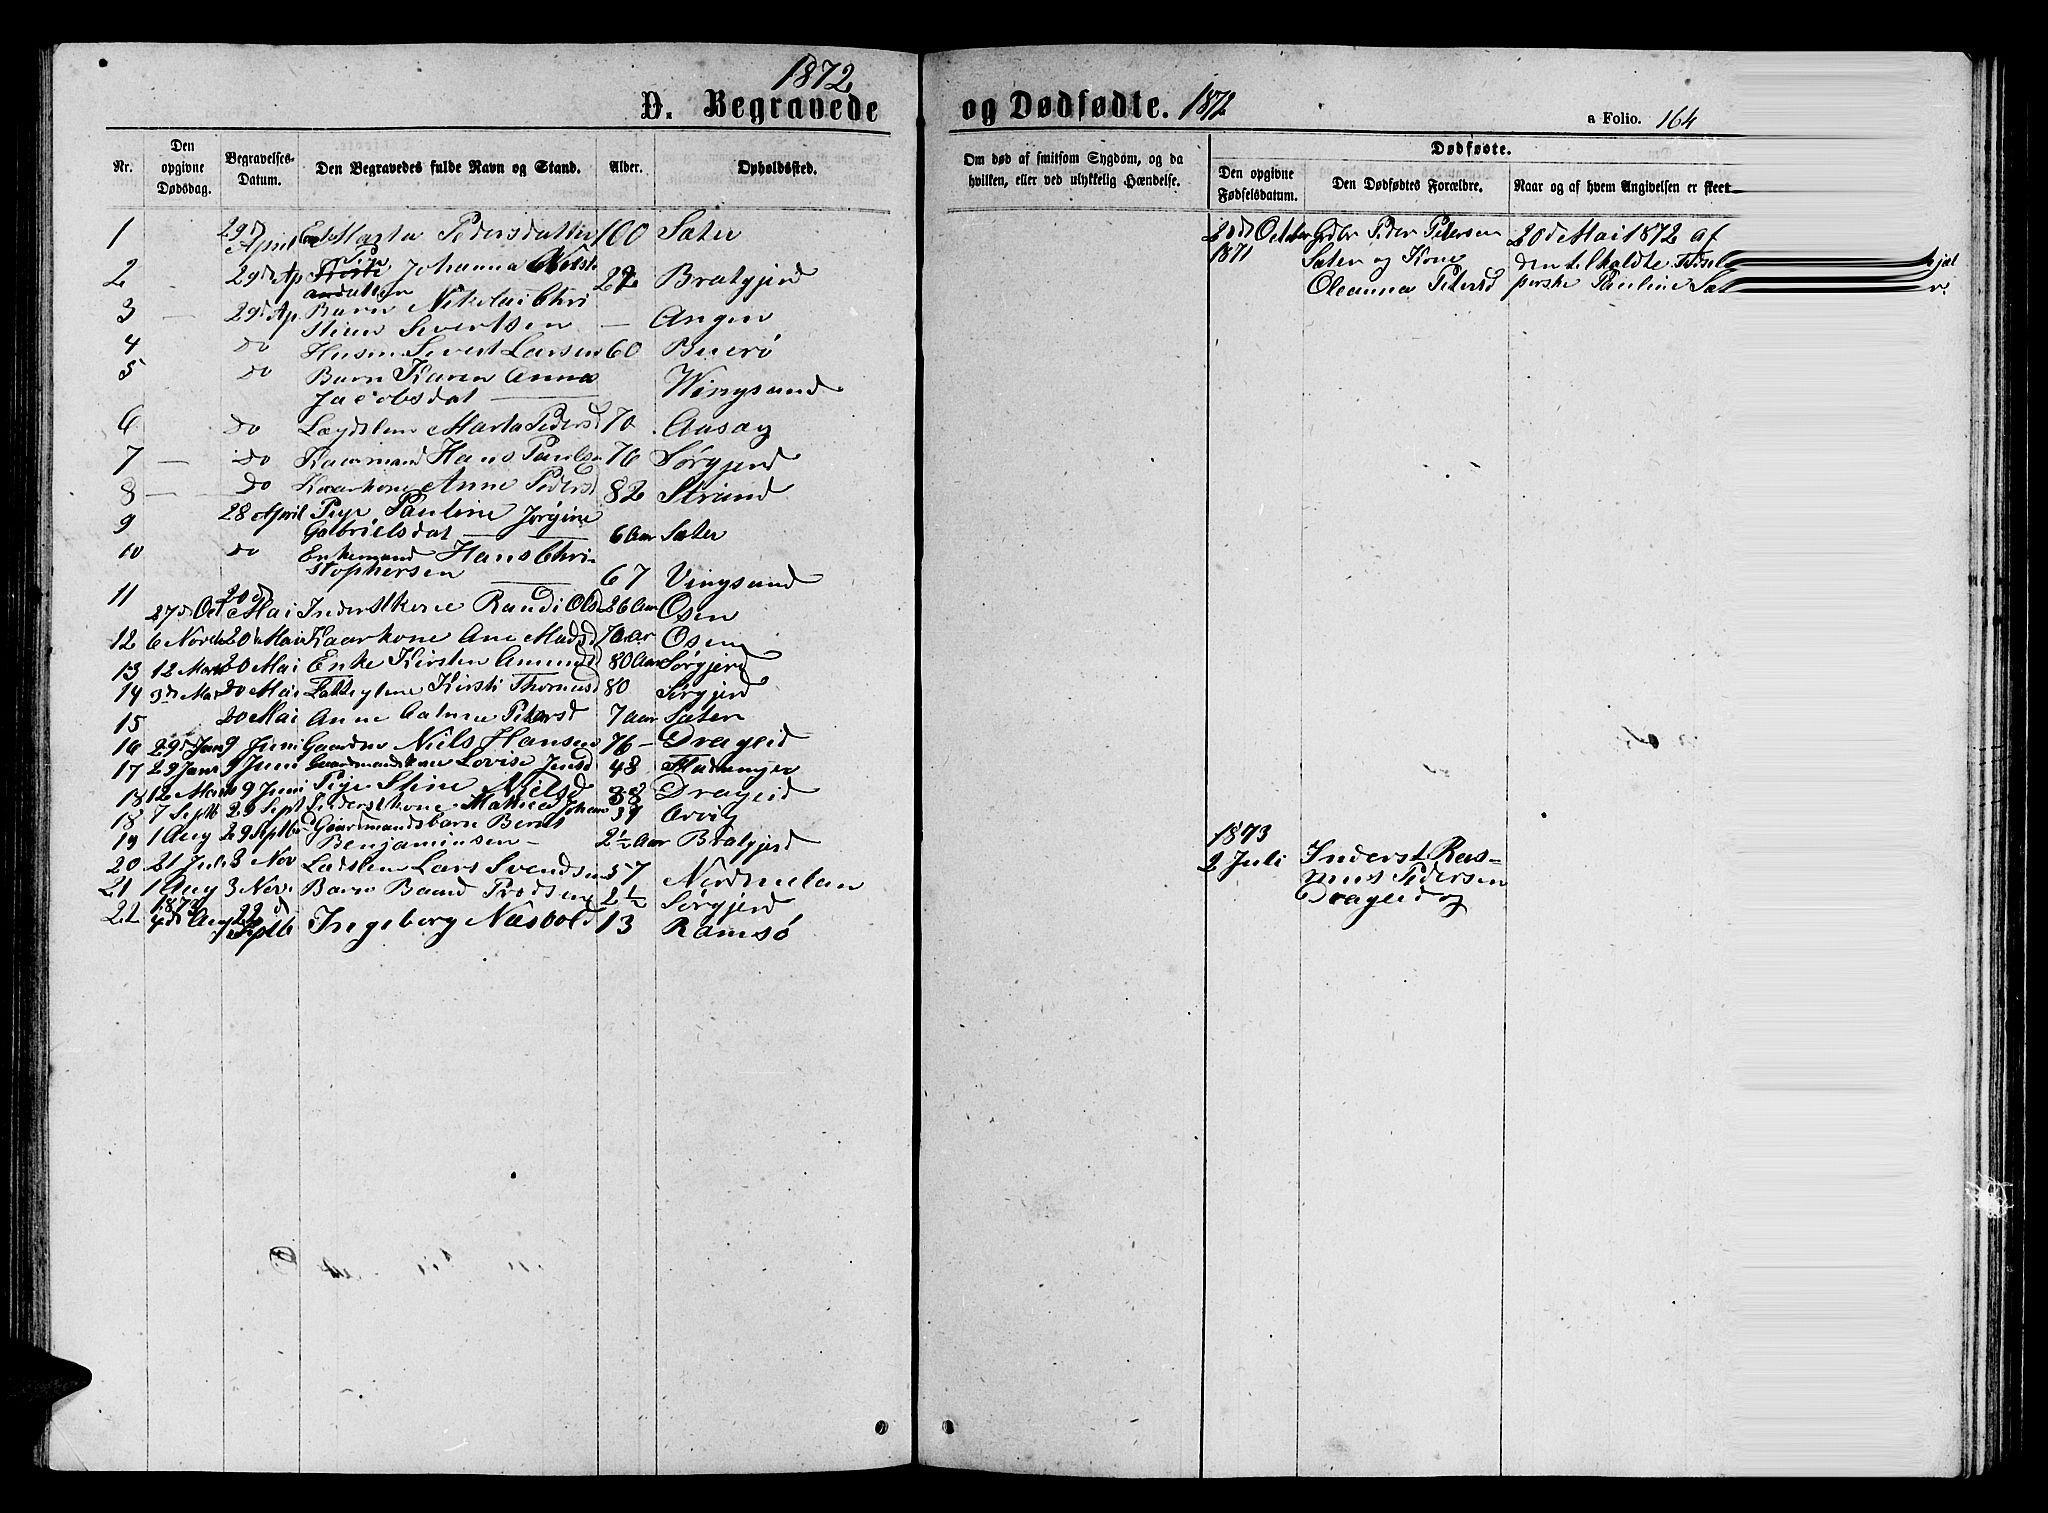 SAT, Ministerialprotokoller, klokkerbøker og fødselsregistre - Sør-Trøndelag, 658/L0725: Klokkerbok nr. 658C01, 1867-1882, s. 164